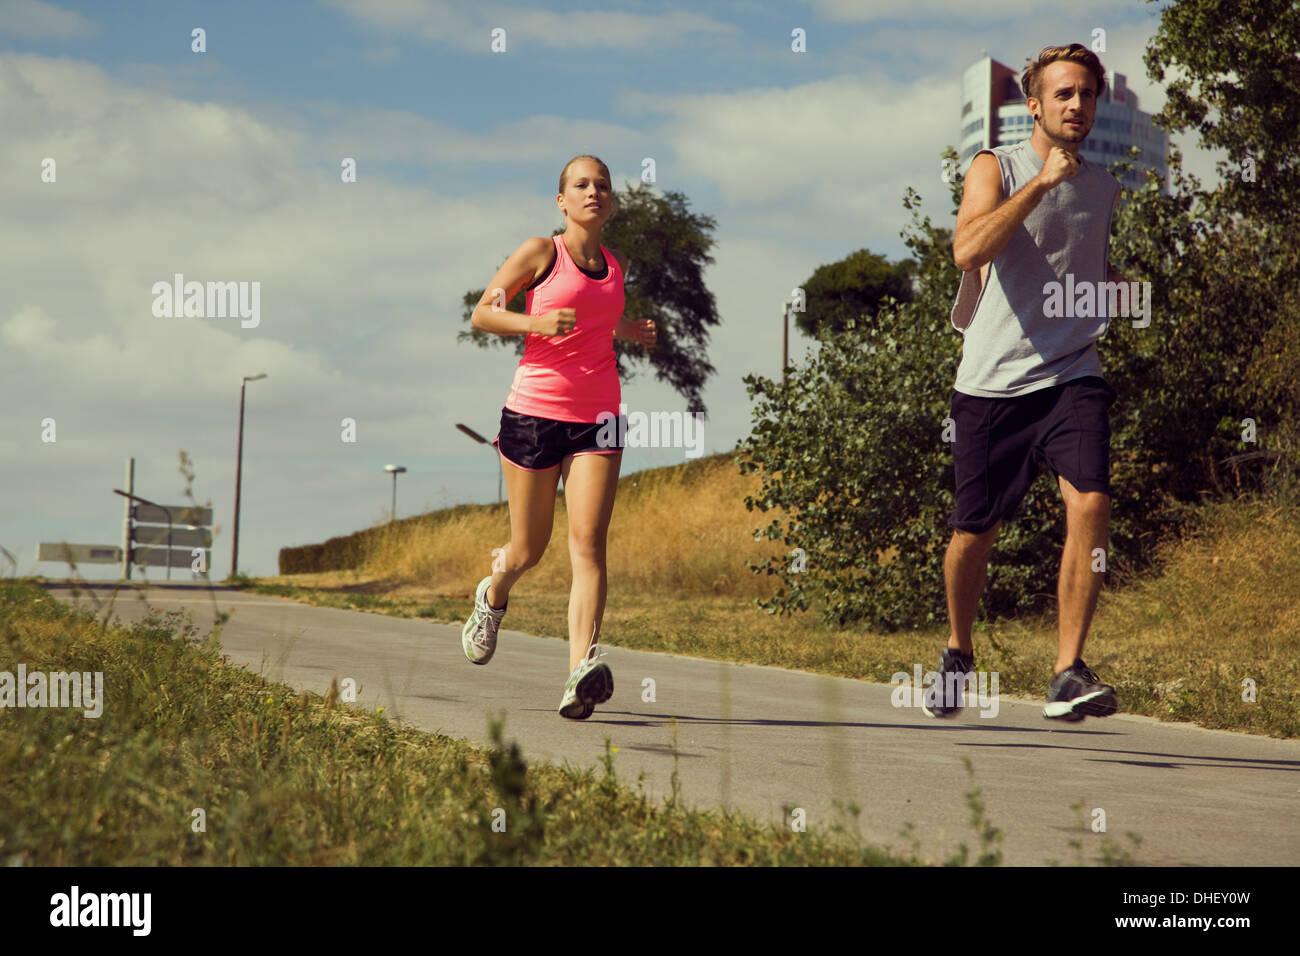 Junges Paar Joggen urban Weg Stockbild